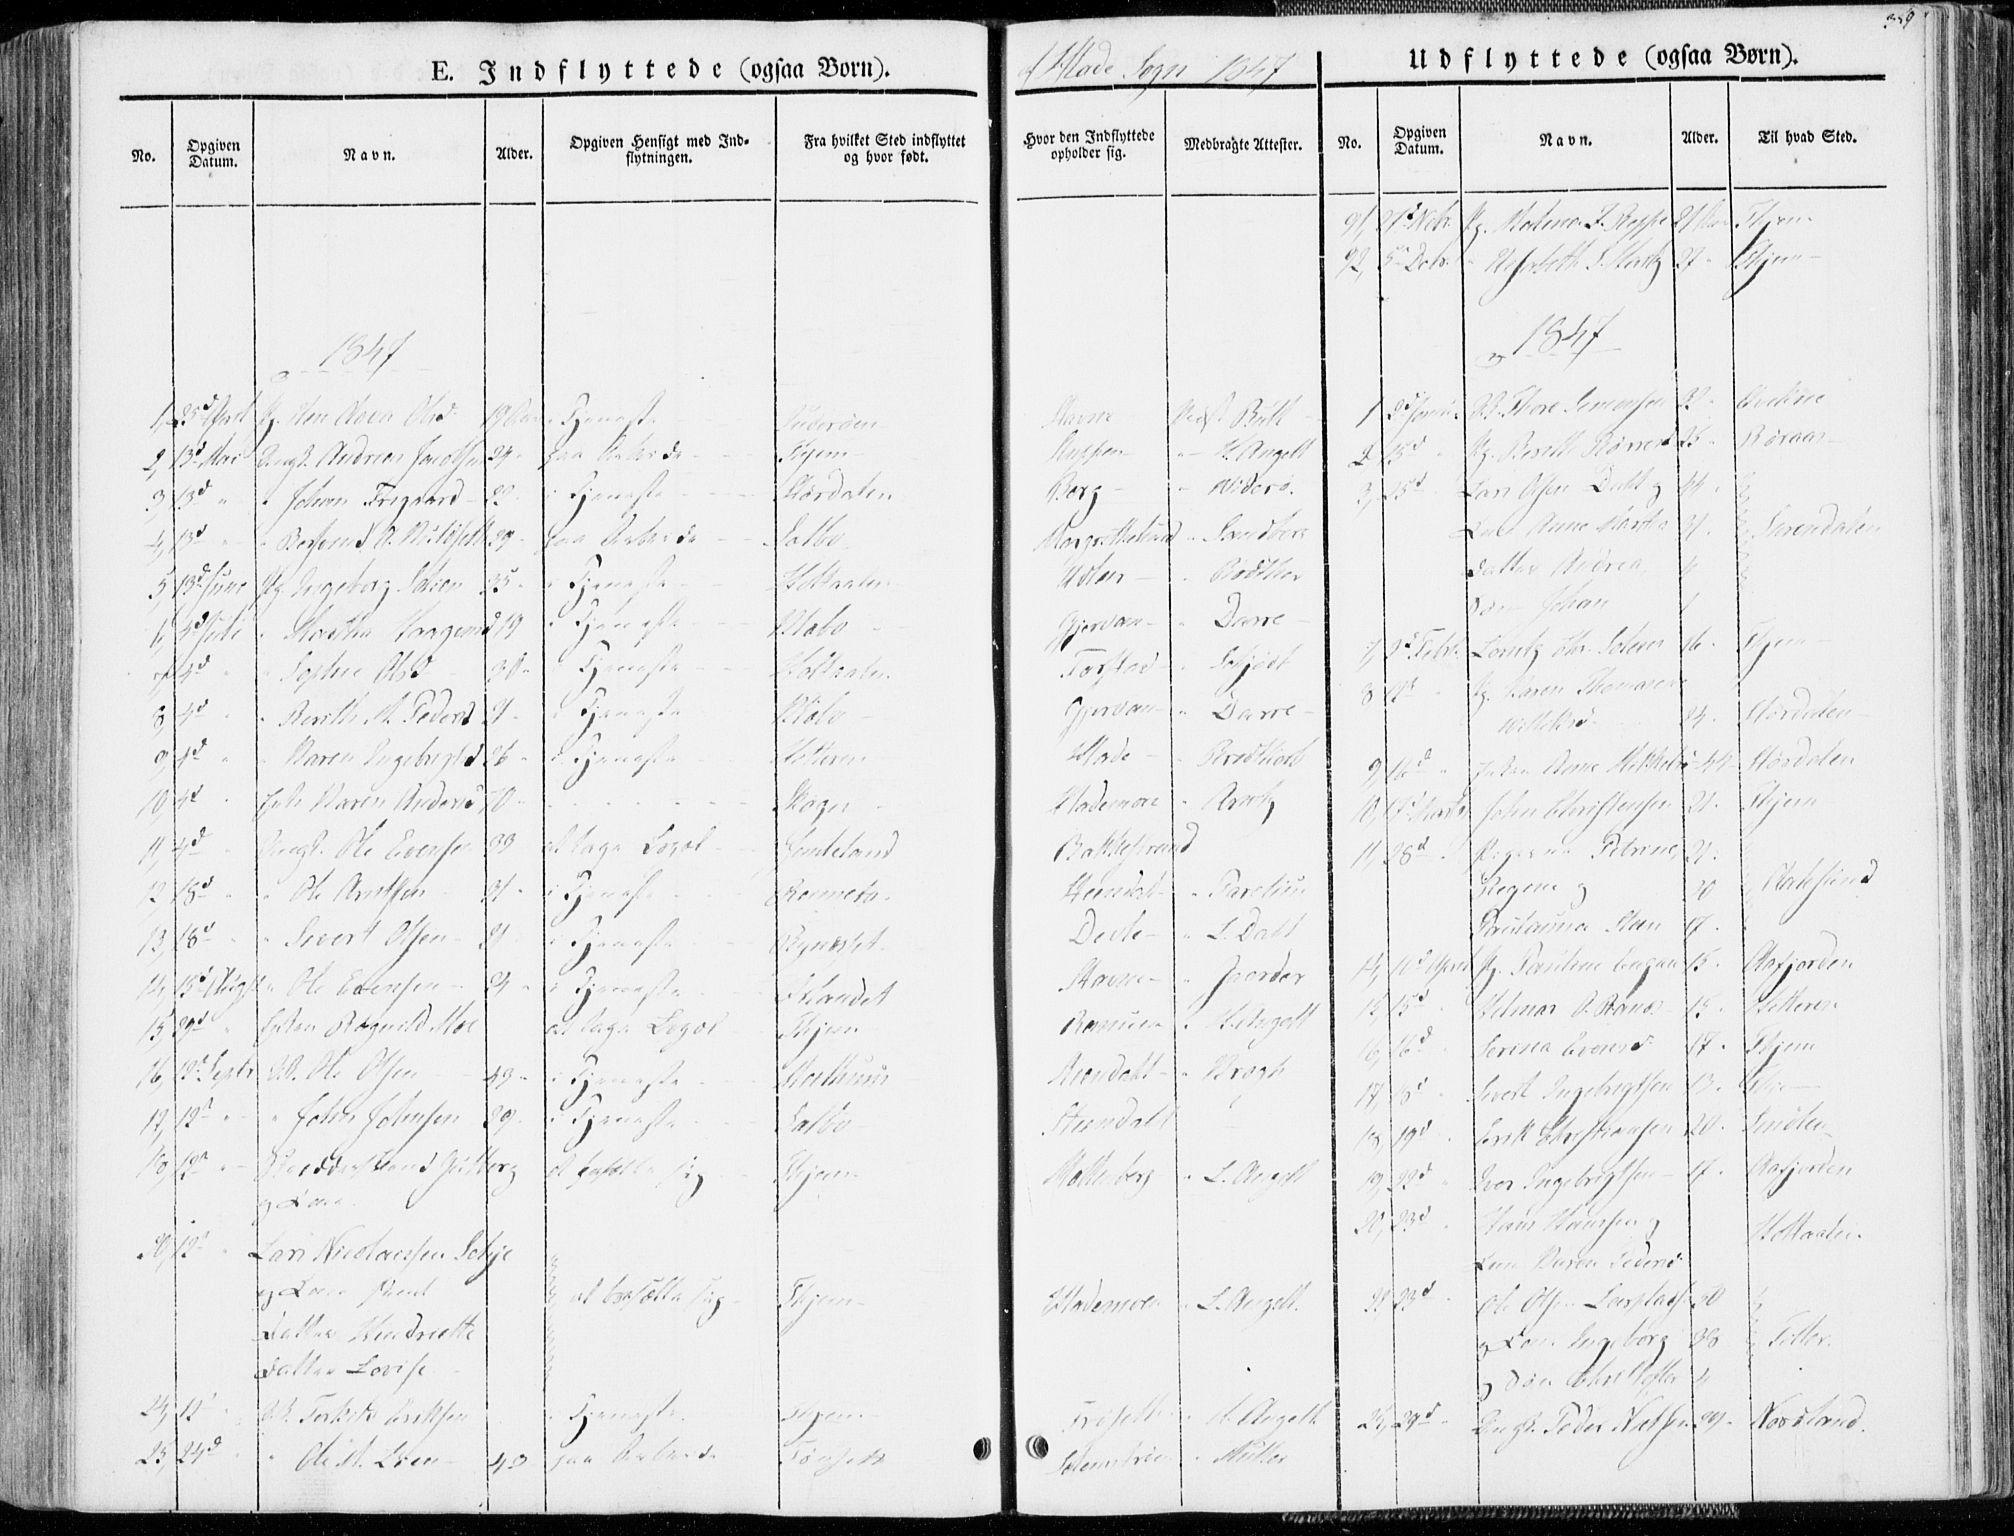 SAT, Ministerialprotokoller, klokkerbøker og fødselsregistre - Sør-Trøndelag, 606/L0290: Ministerialbok nr. 606A05, 1841-1847, s. 359